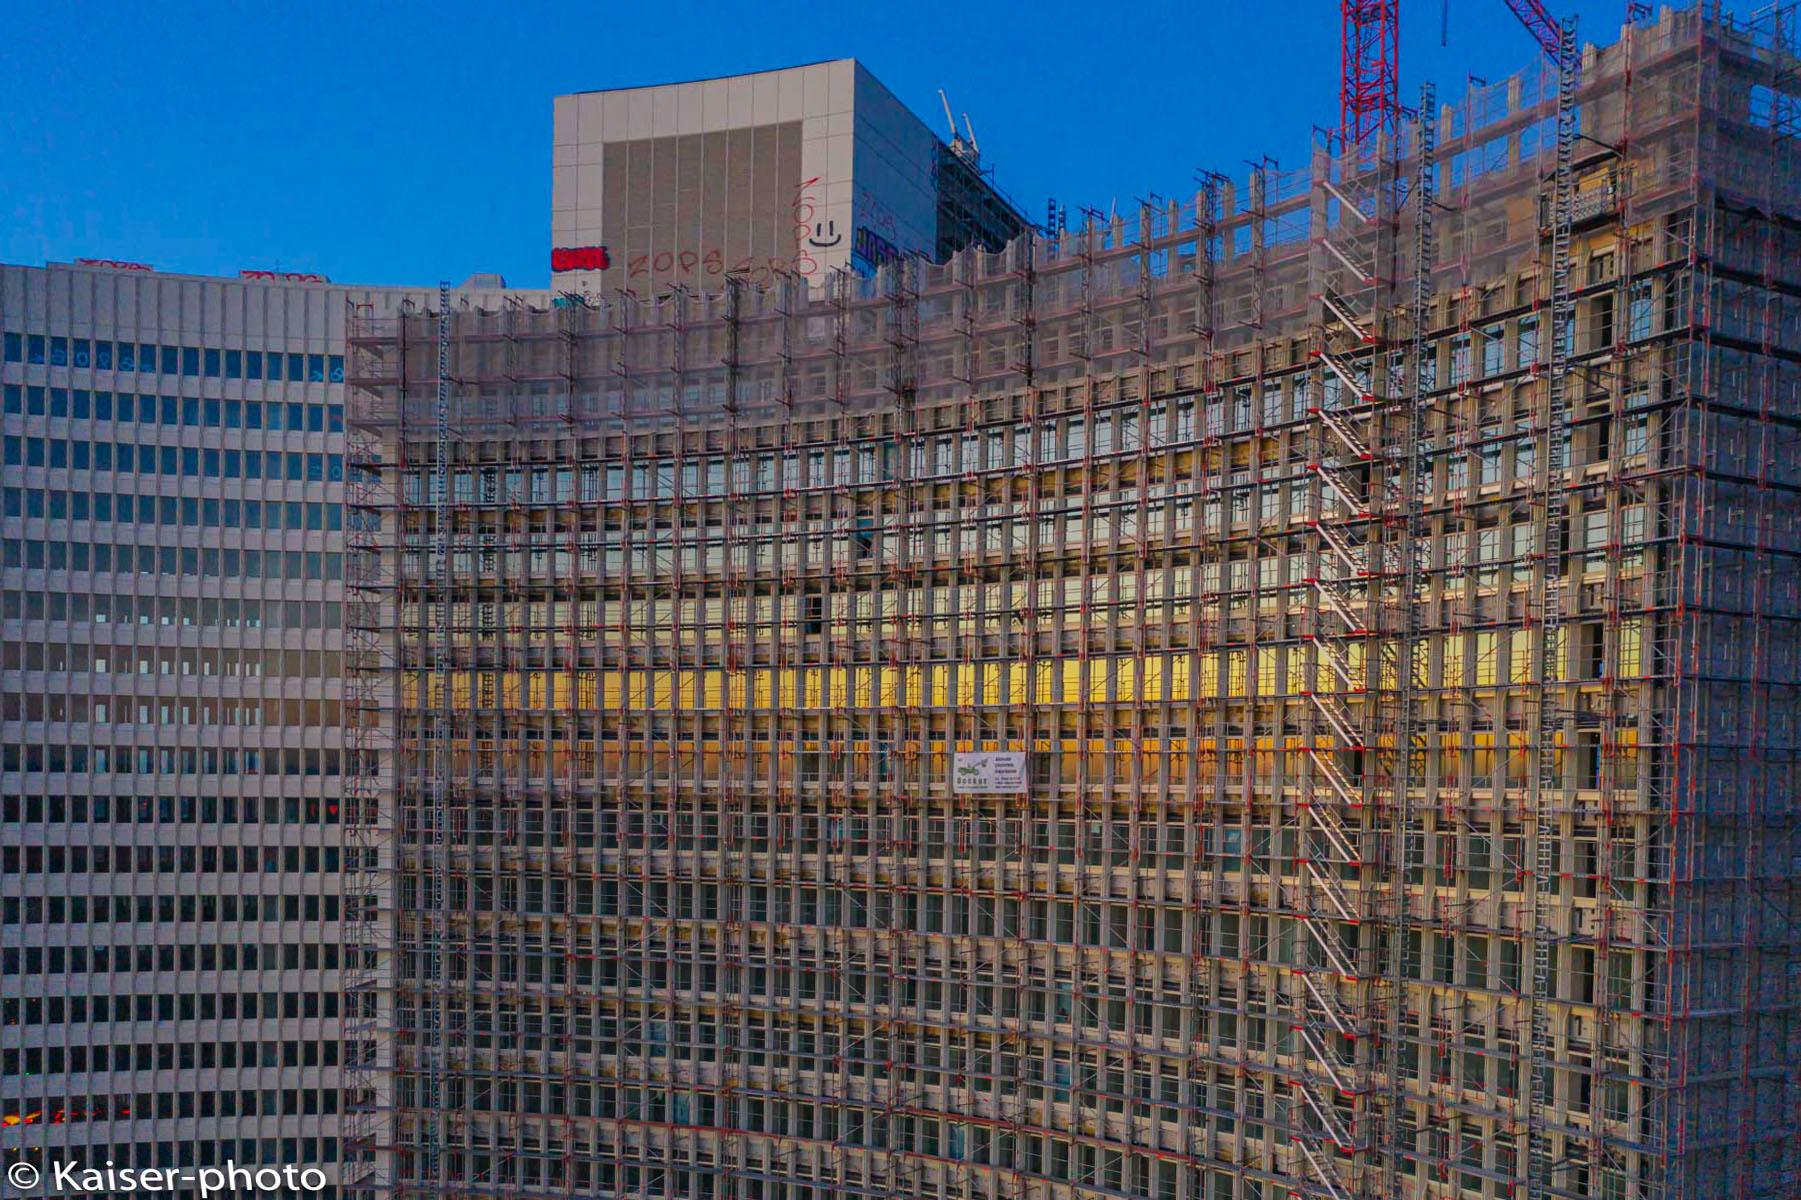 Betonbauten abzureißen ist aus energiepolitischer Sicht von Fachleuten ein doppeltes Übel